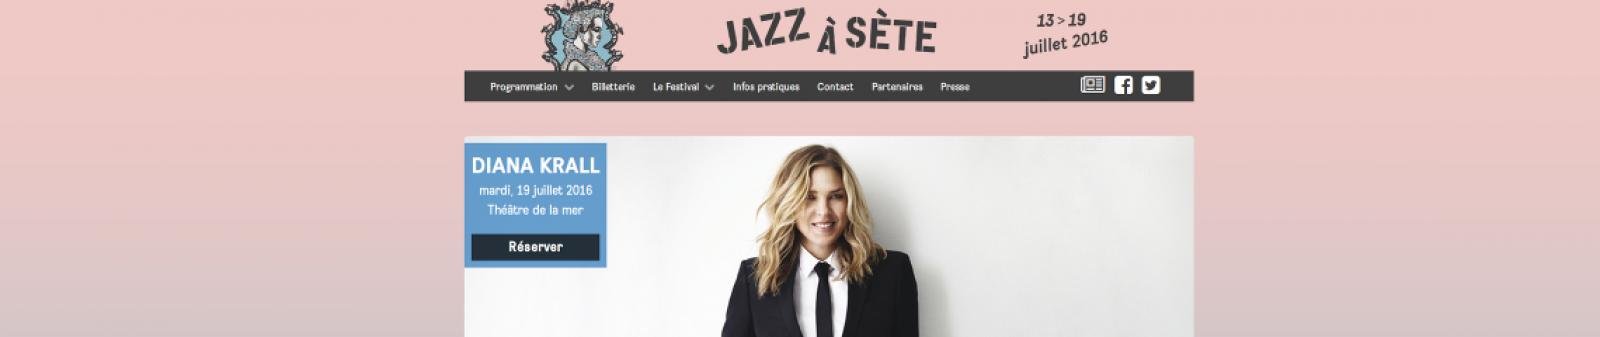 Bannière Jazz à Sète